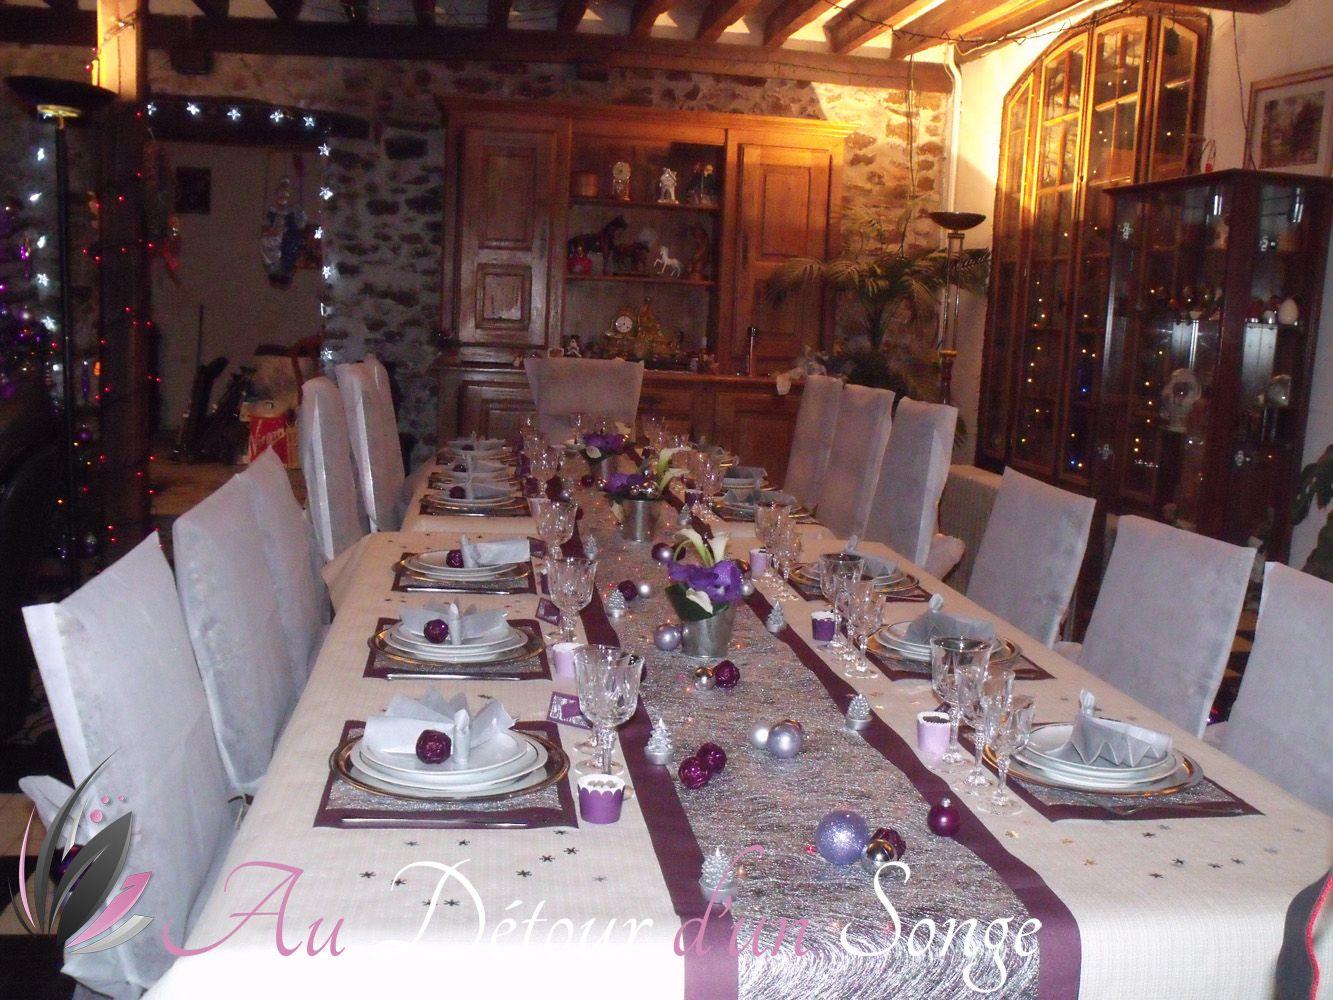 D coration d 39 une table de no l couleurs violet ivoire et - Decoration table de noel couleur argent ...